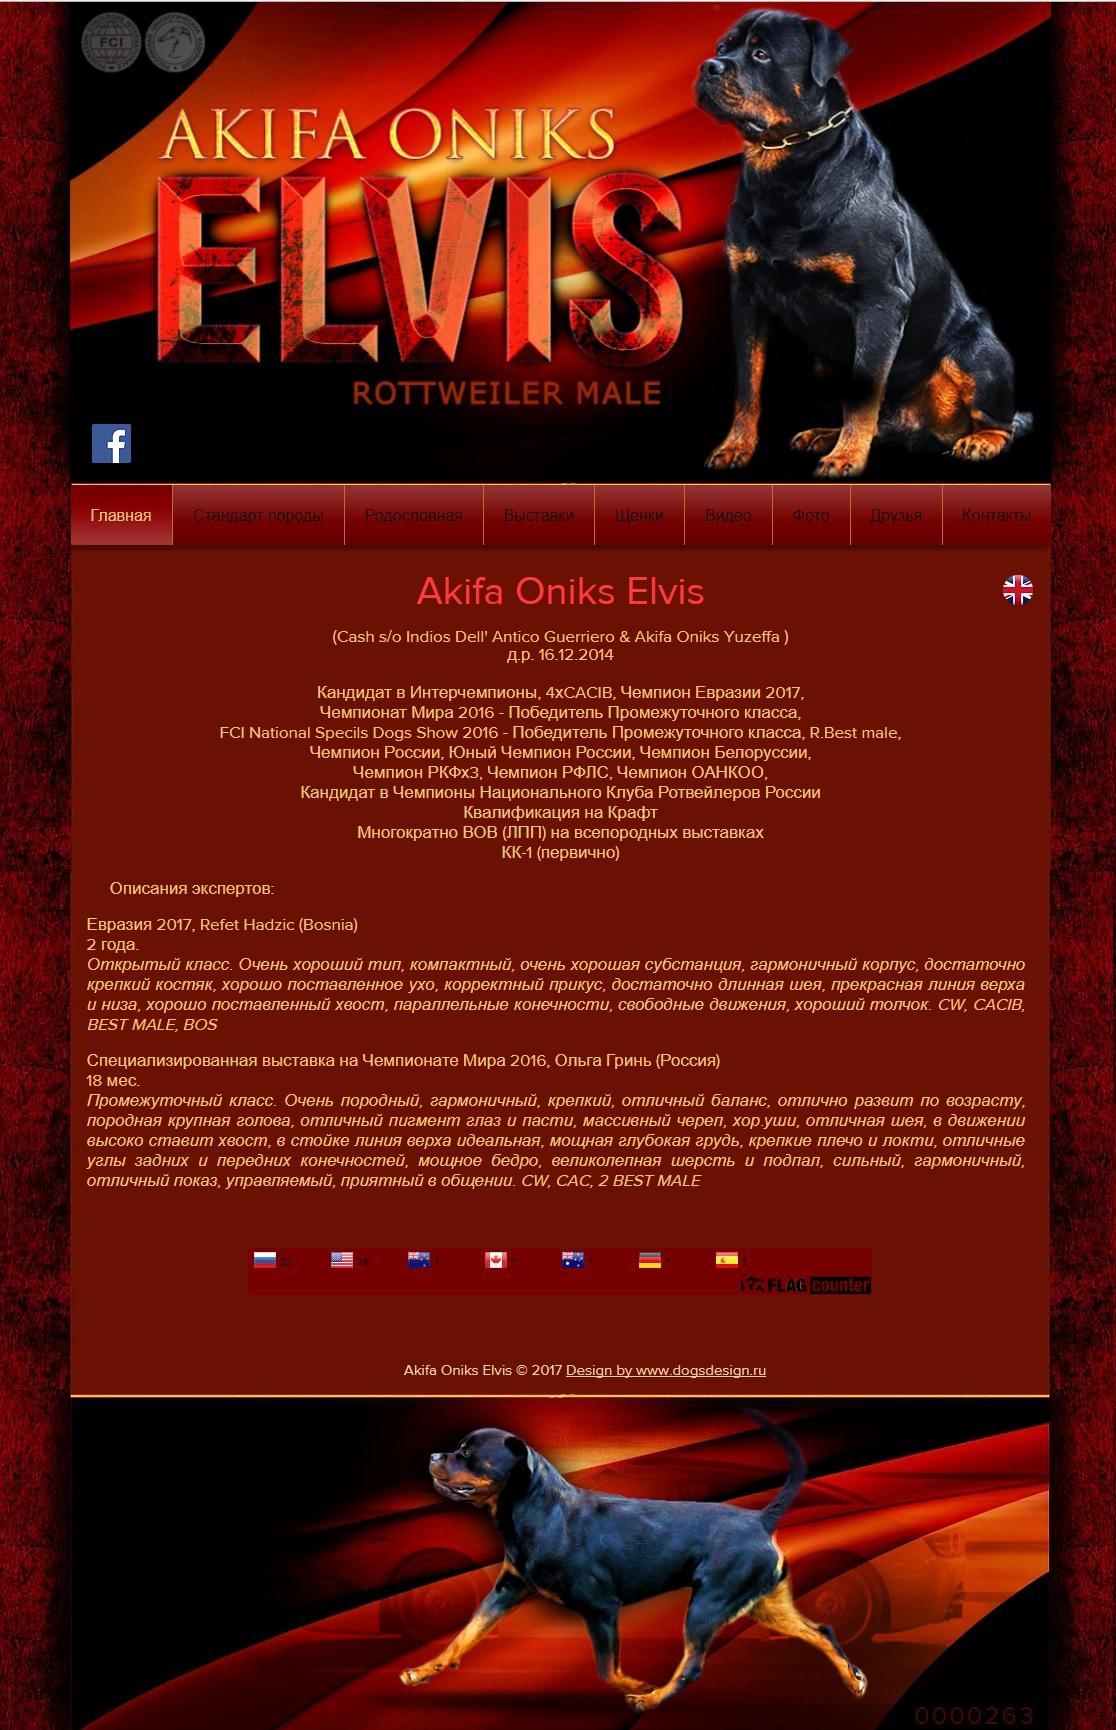 Akifa Oniks Elvis